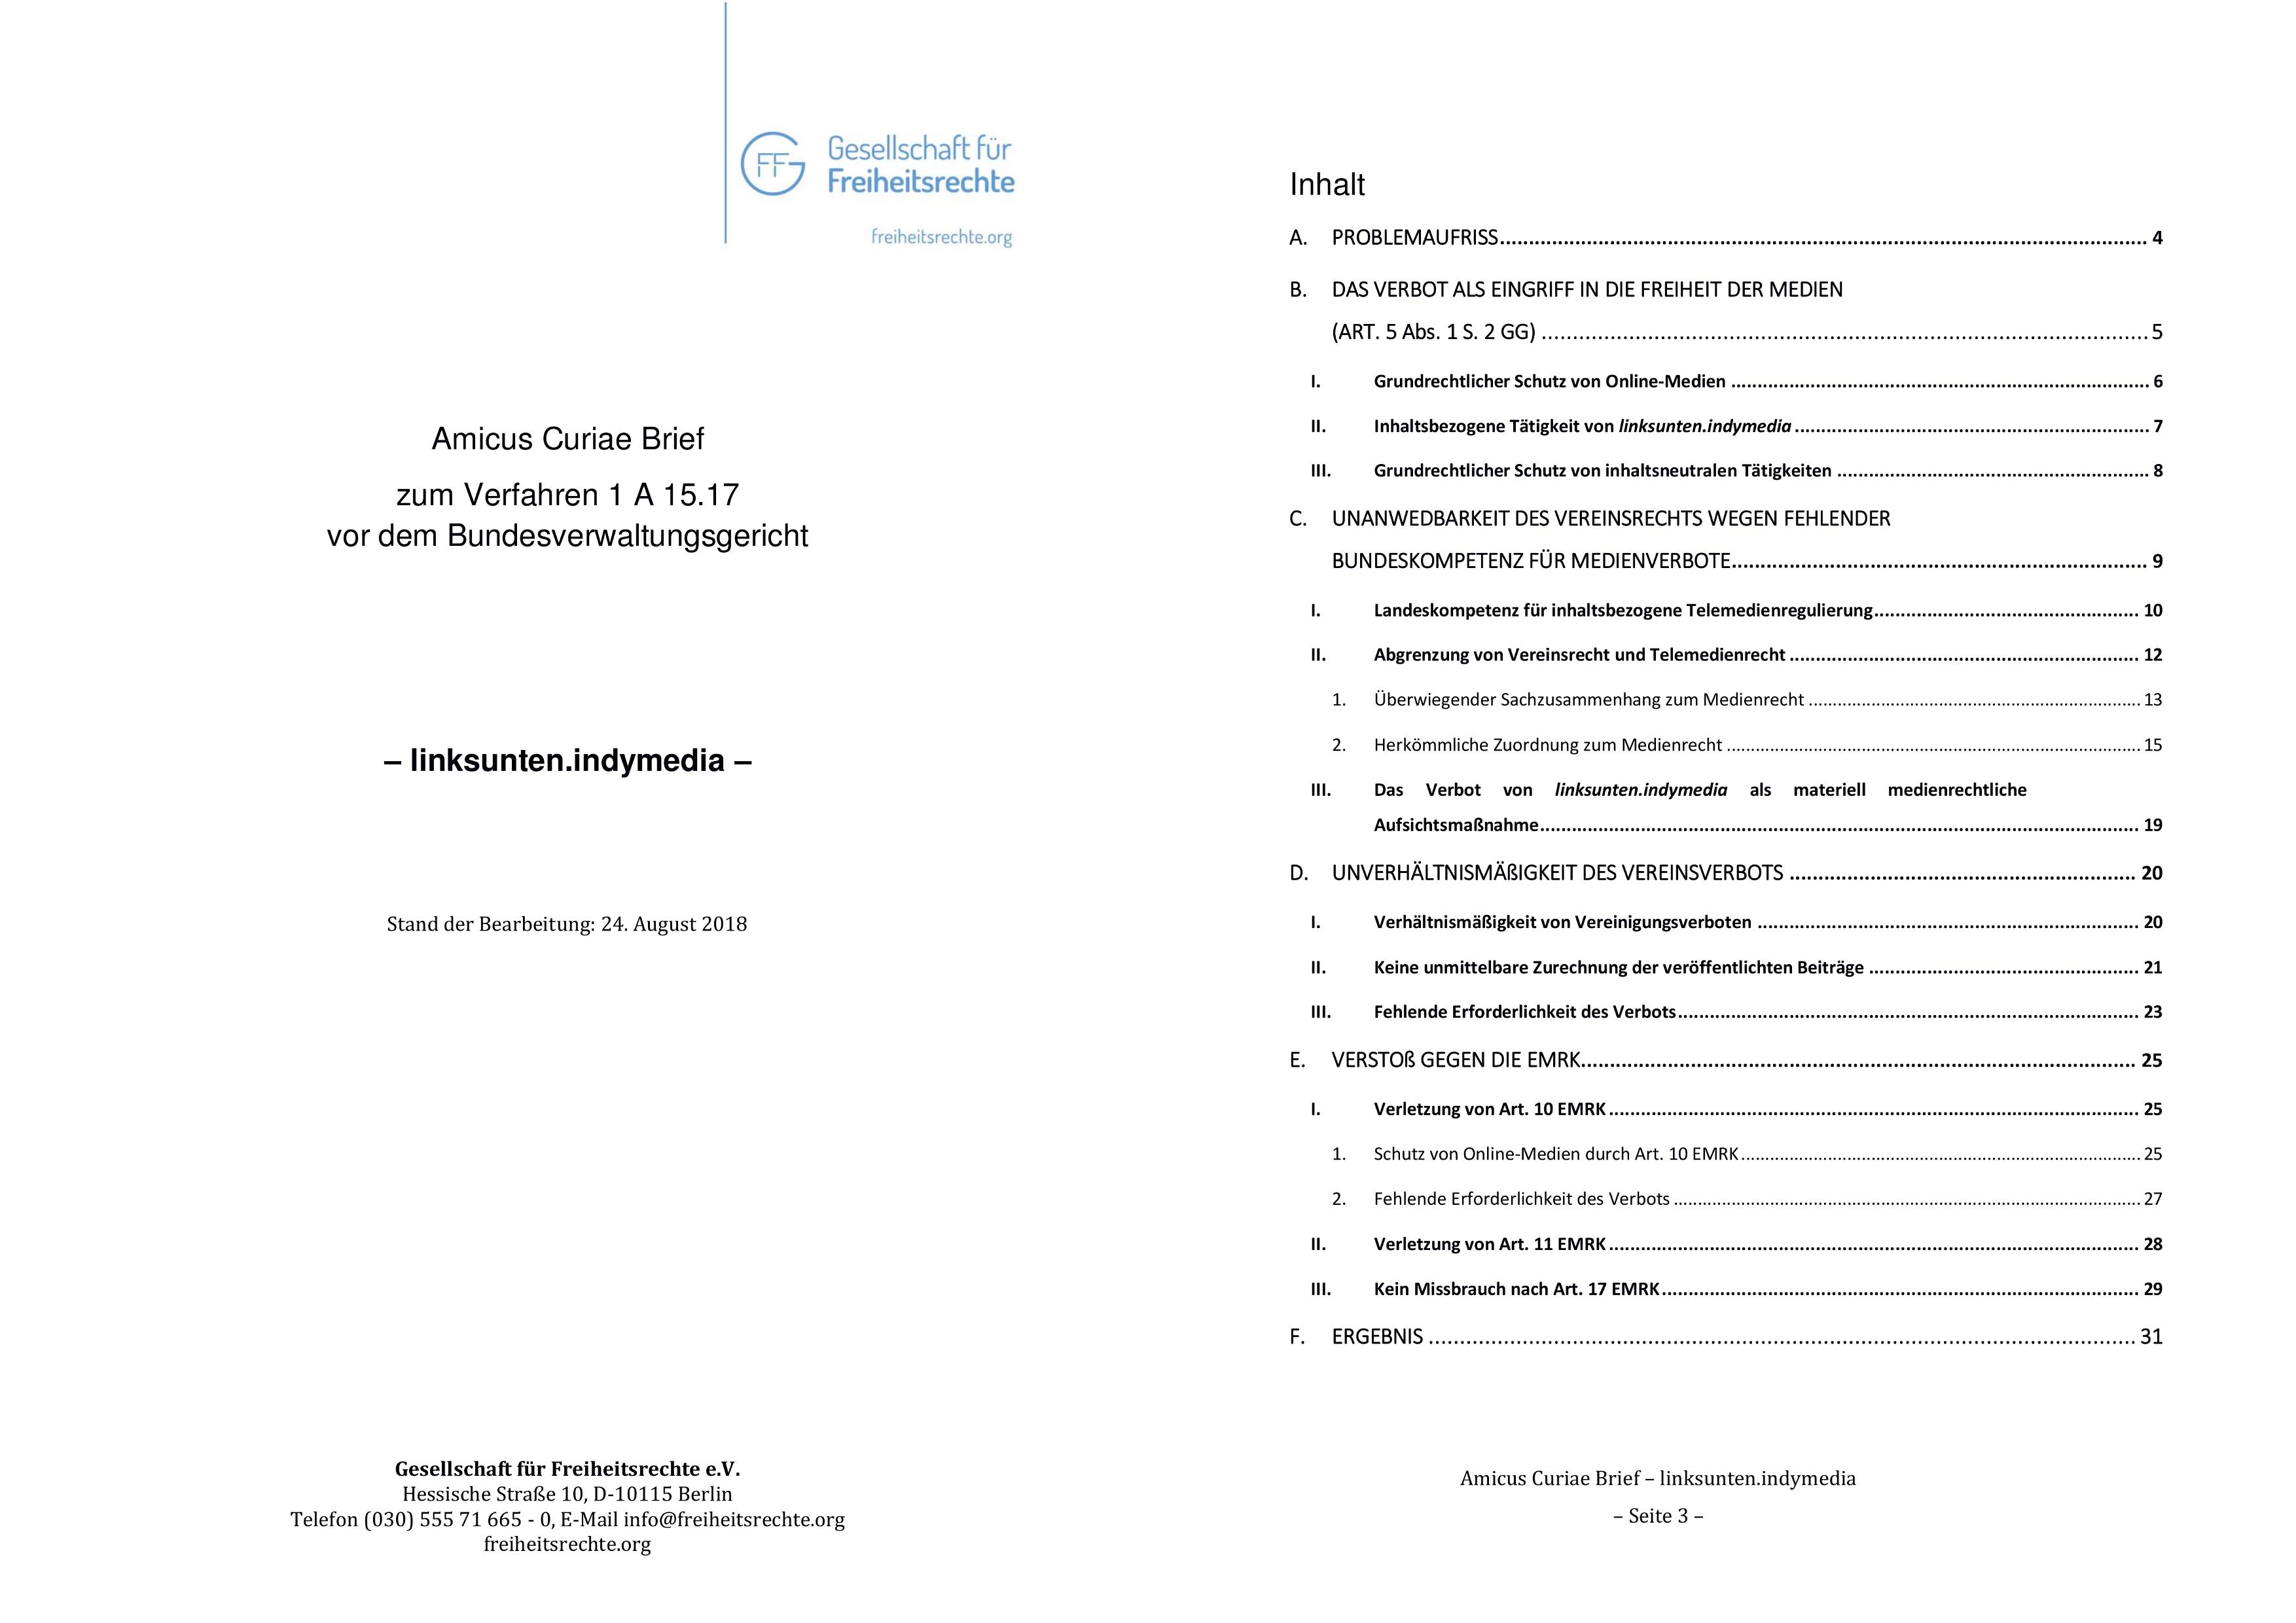 S. 1 und 4 der GFF-Stellungnahme zum linksunten-Verbot